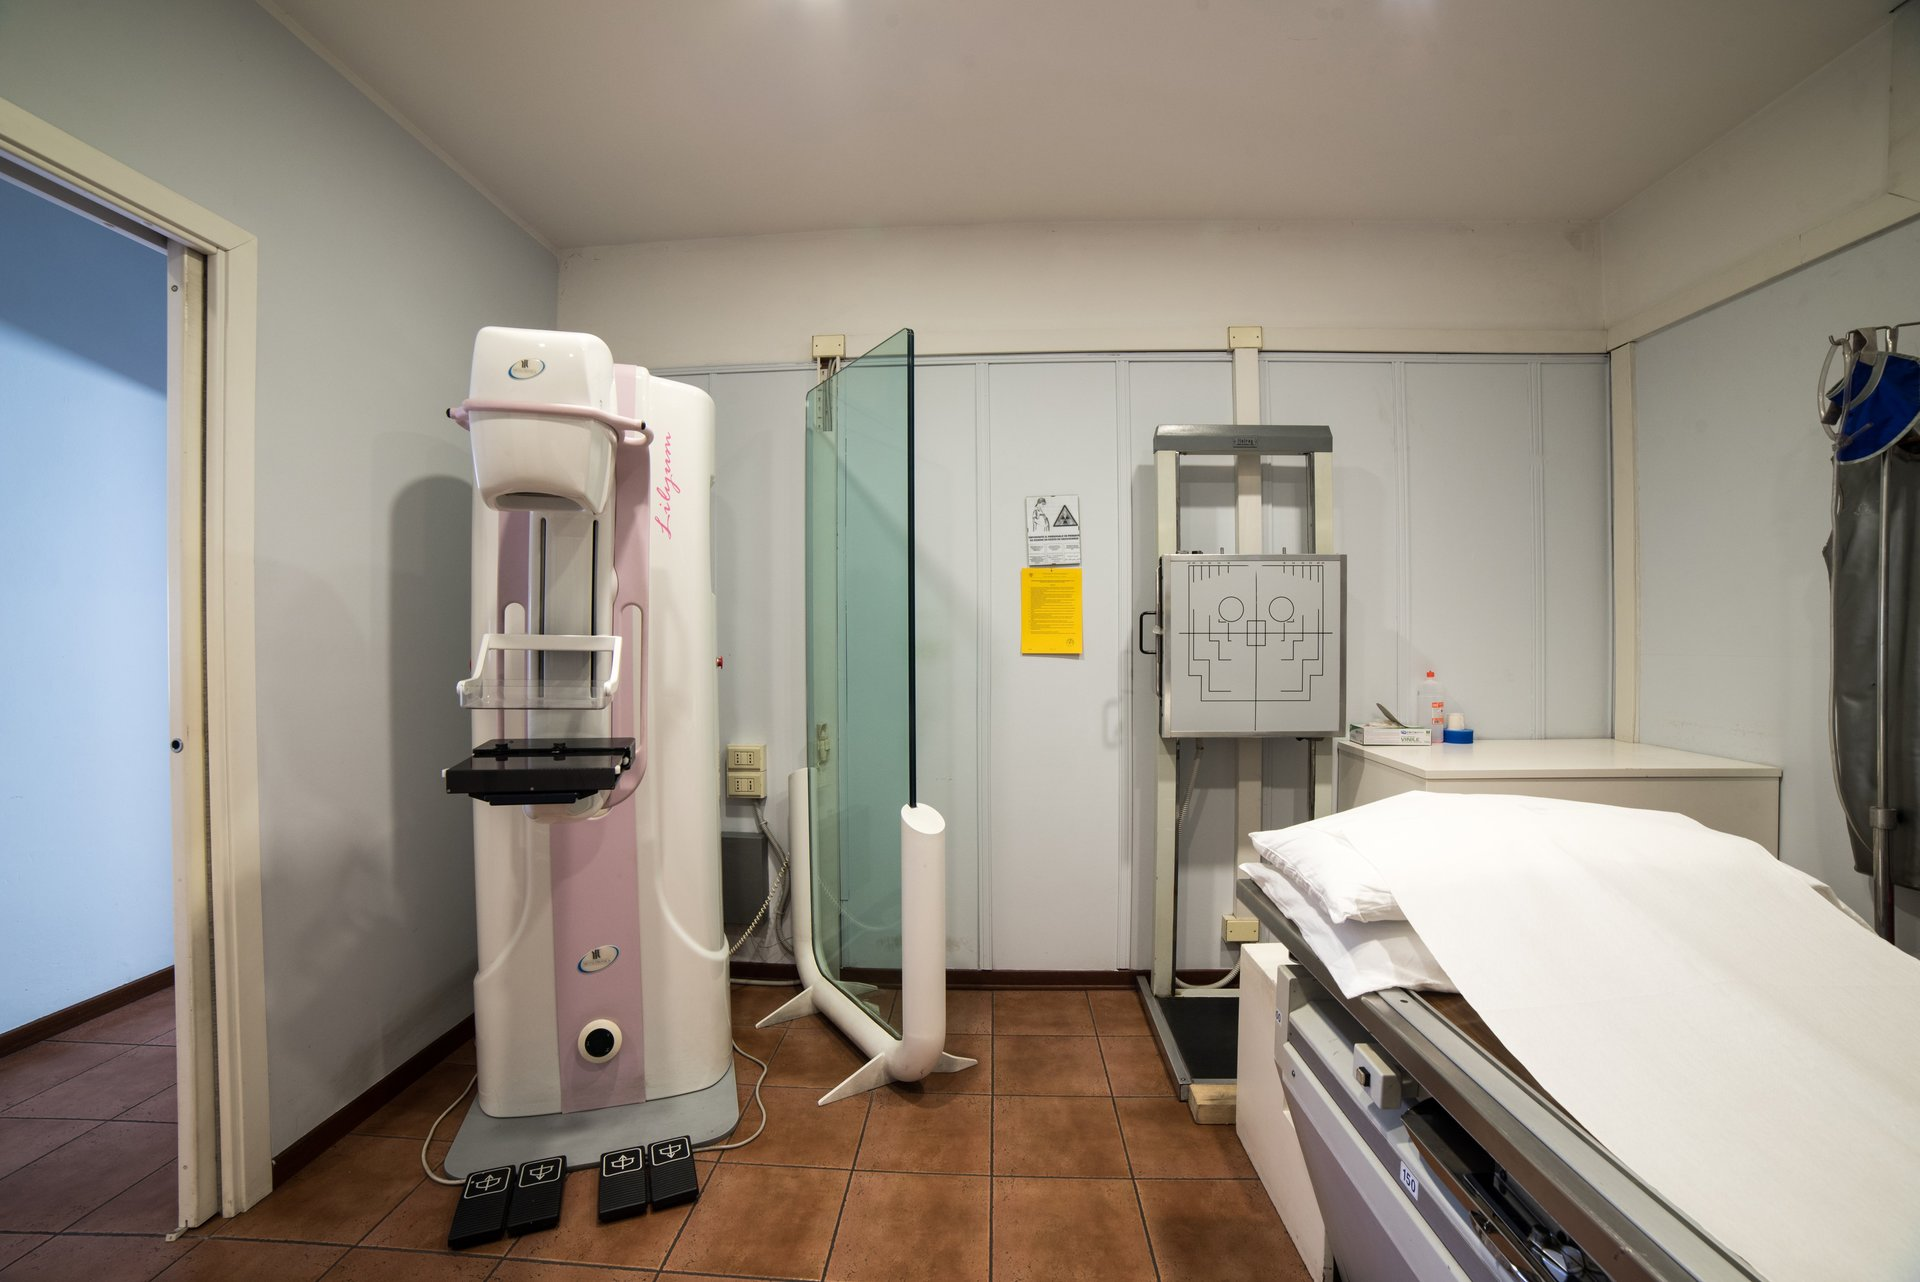 istituto radiologico beretta - radiografie specialistiche